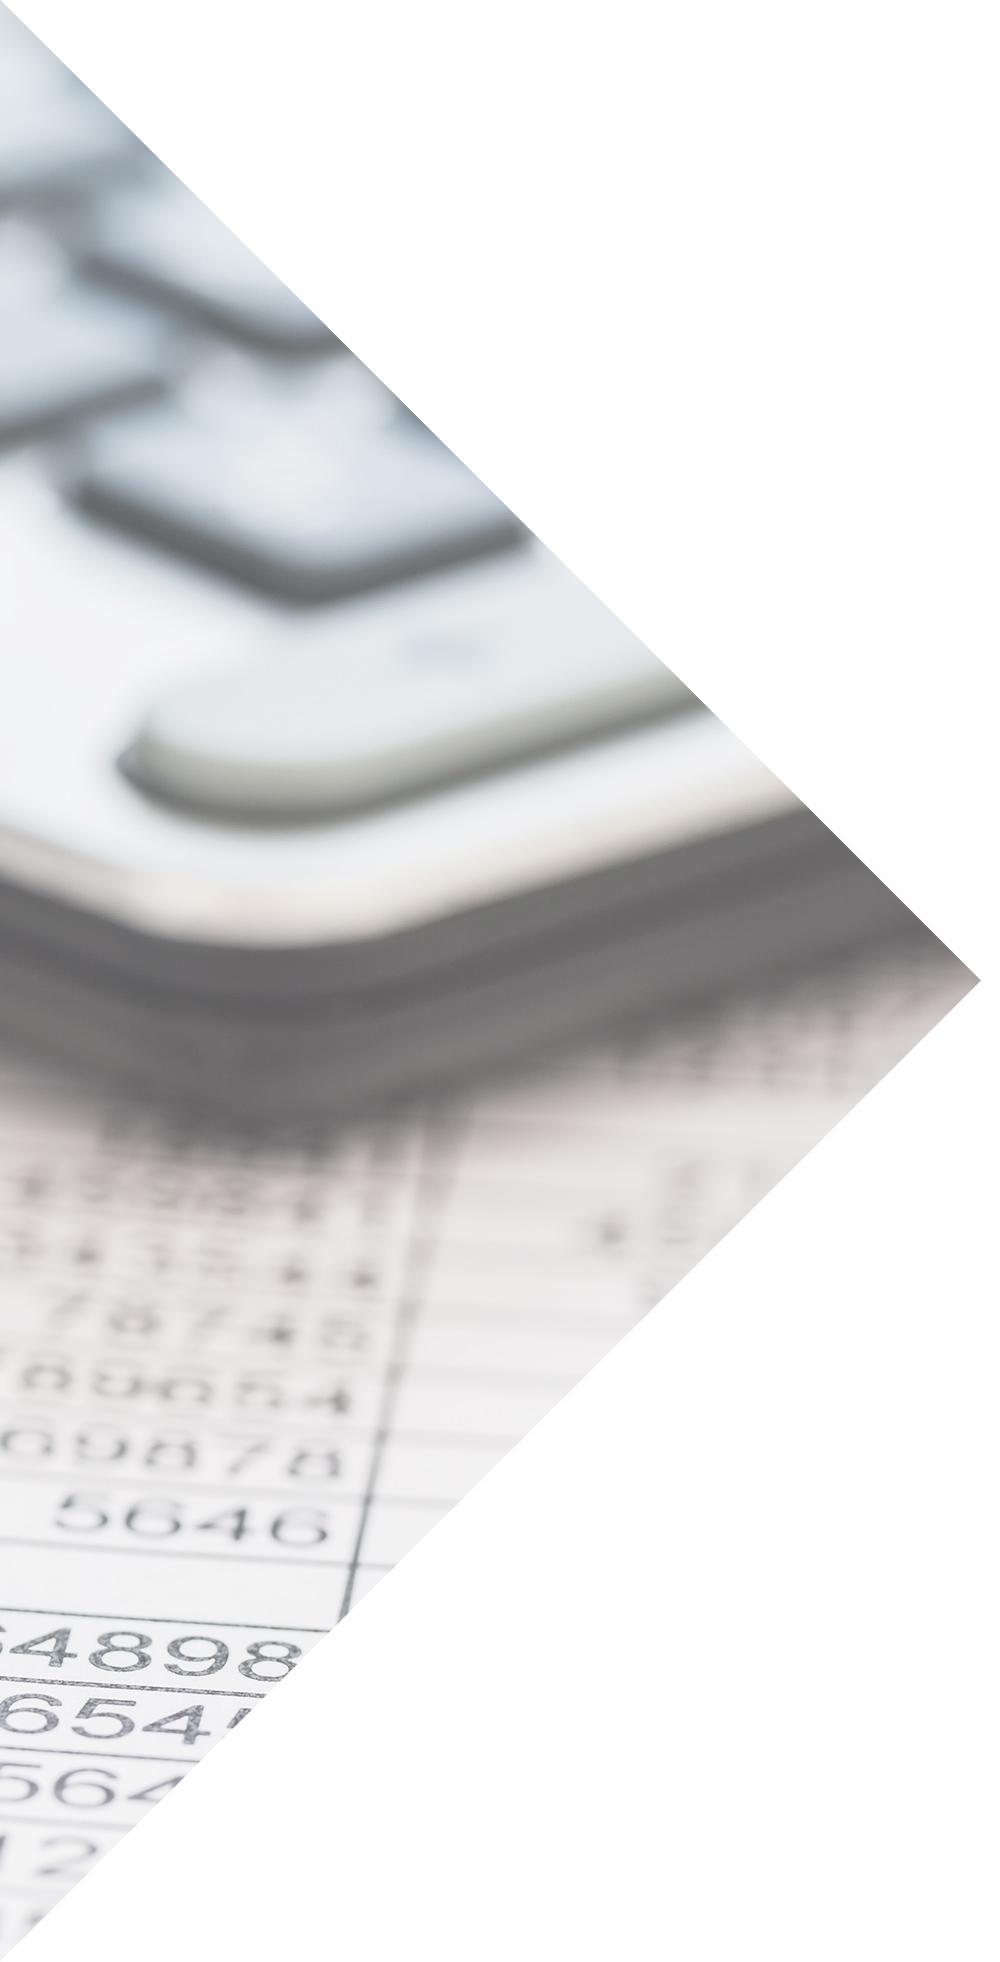 データの保存にそこまでコストを掛けるの?「後方互換性」「低コスト」